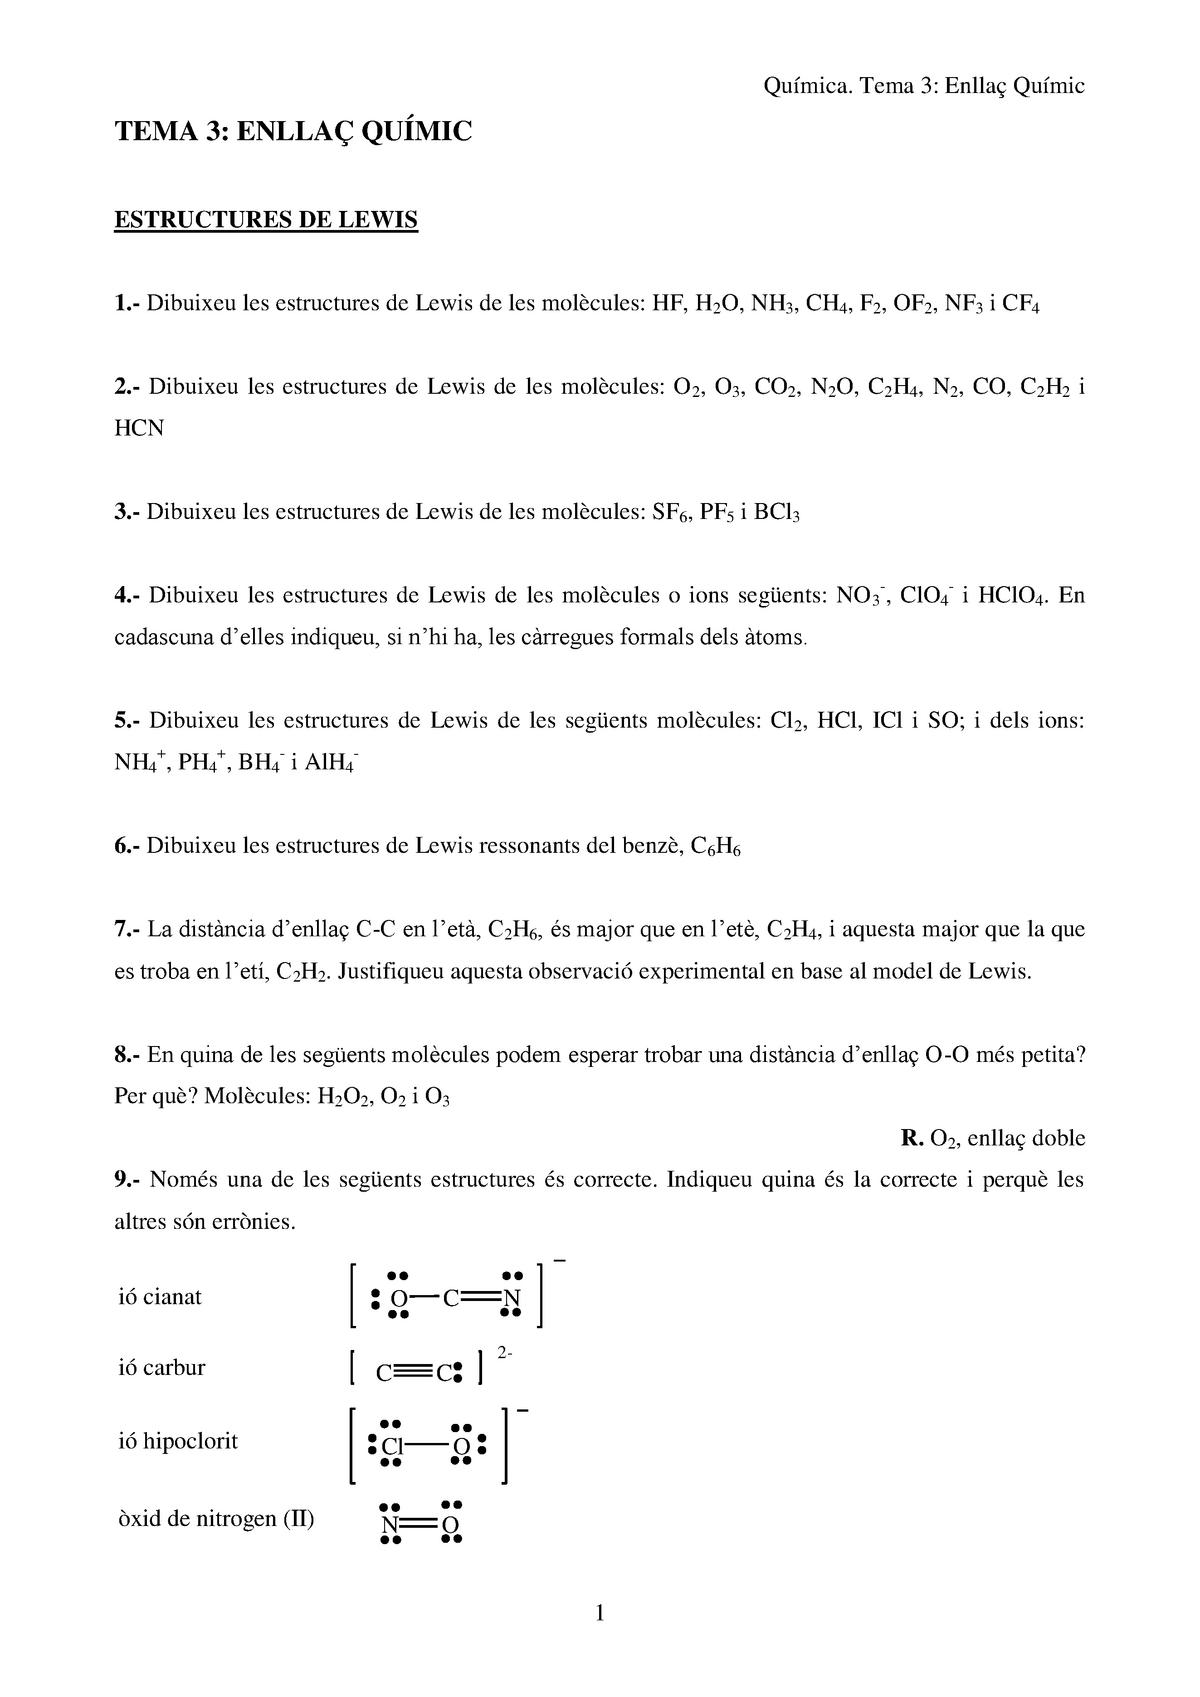 Problemes Tema 3 Tema 3 Física 1 Udl Fisica 1 Udl